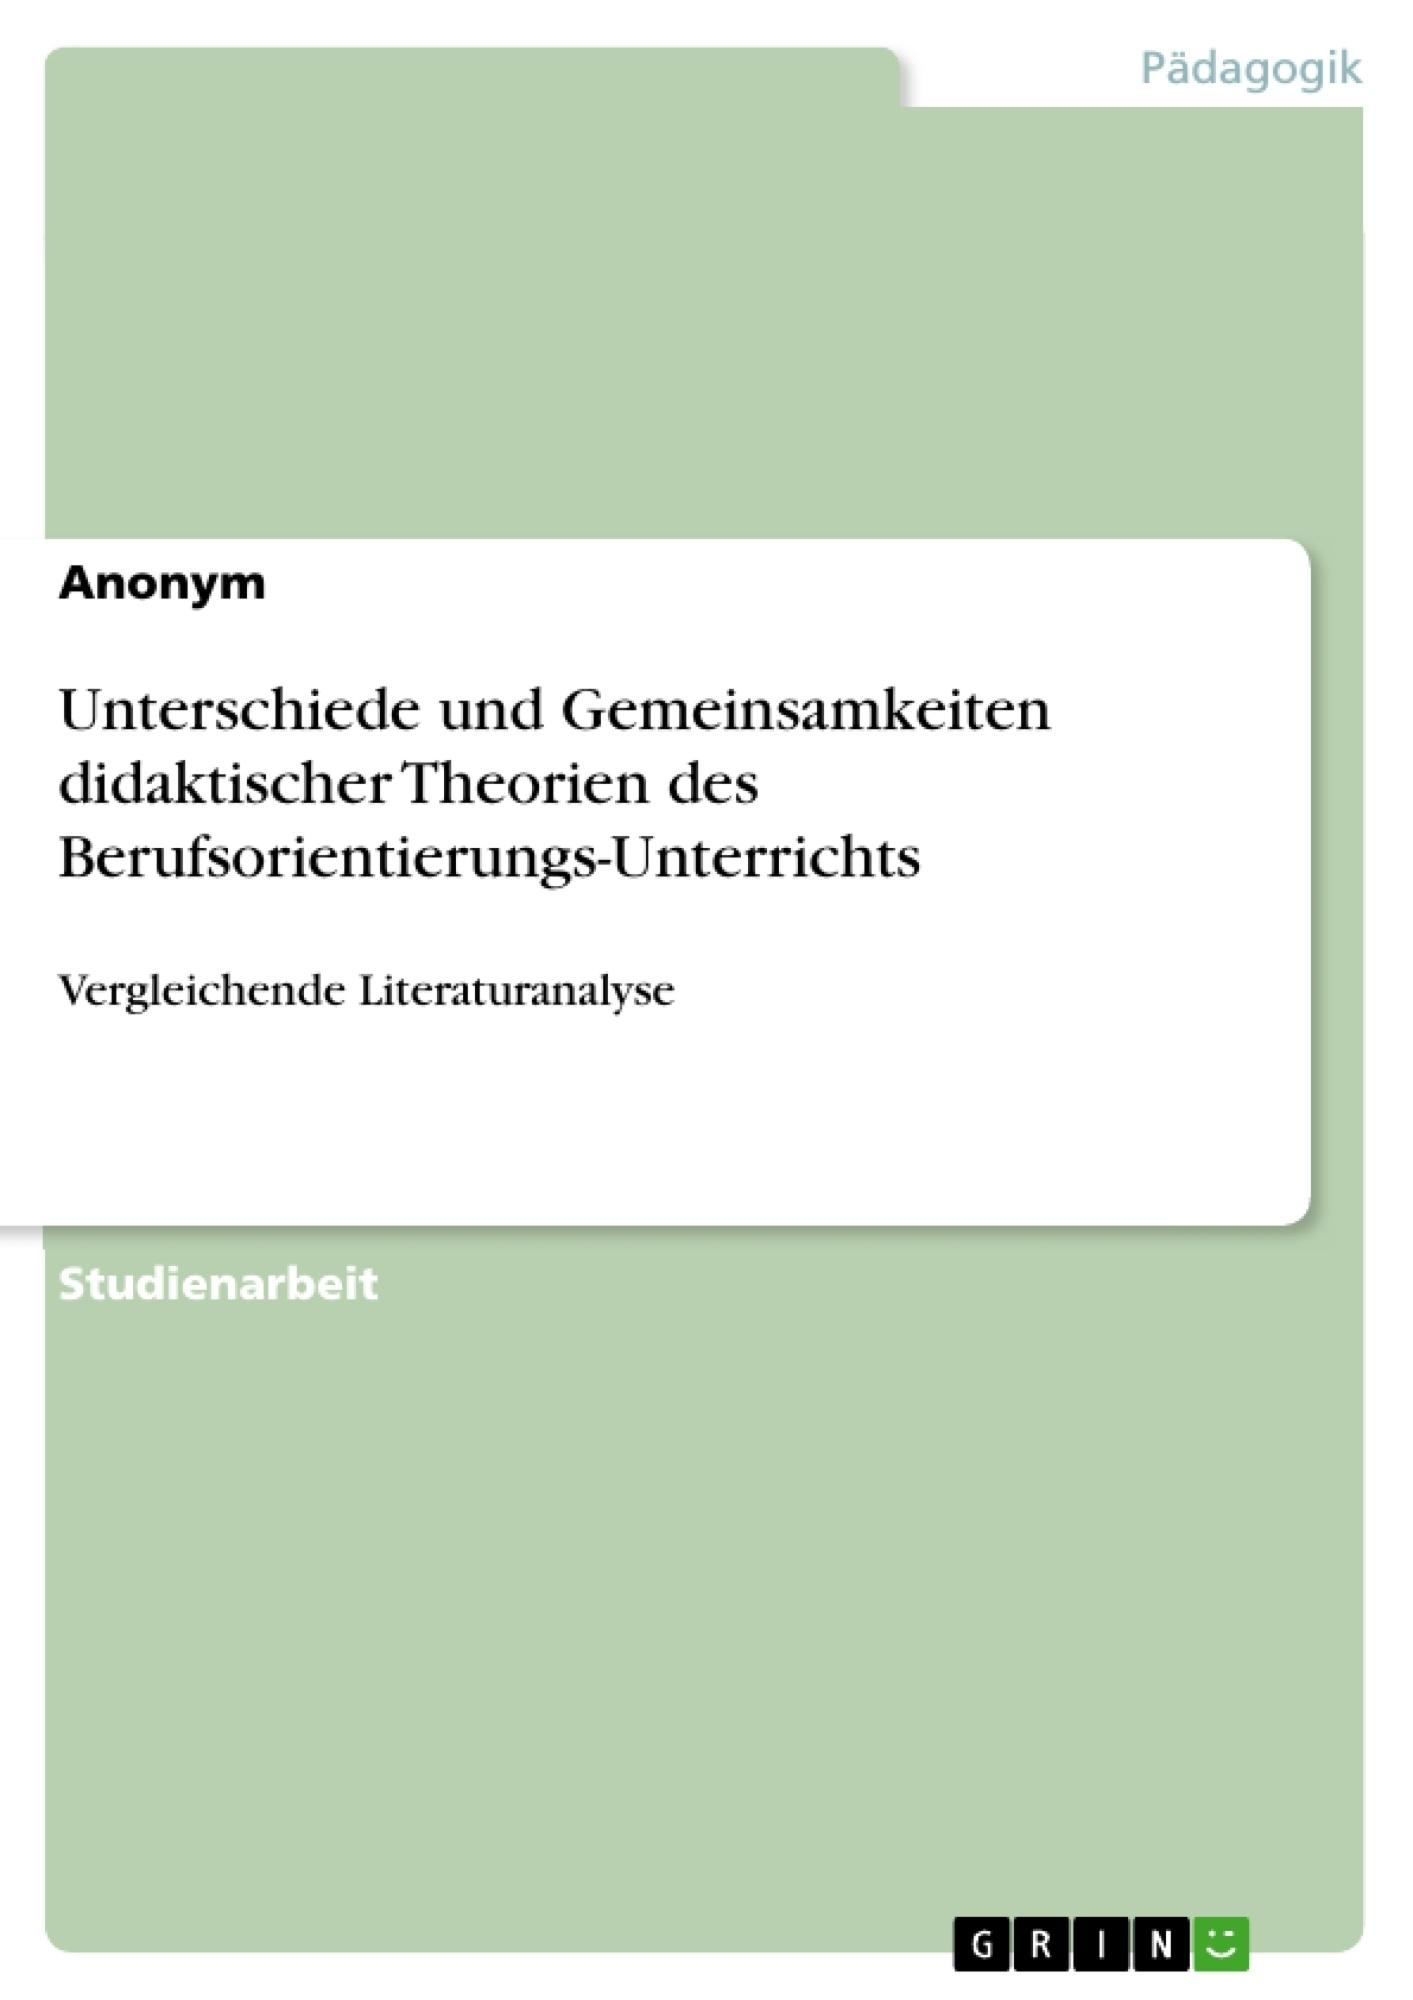 Titel: Unterschiede und Gemeinsamkeiten didaktischer Theorien des Berufsorientierungs-Unterrichts